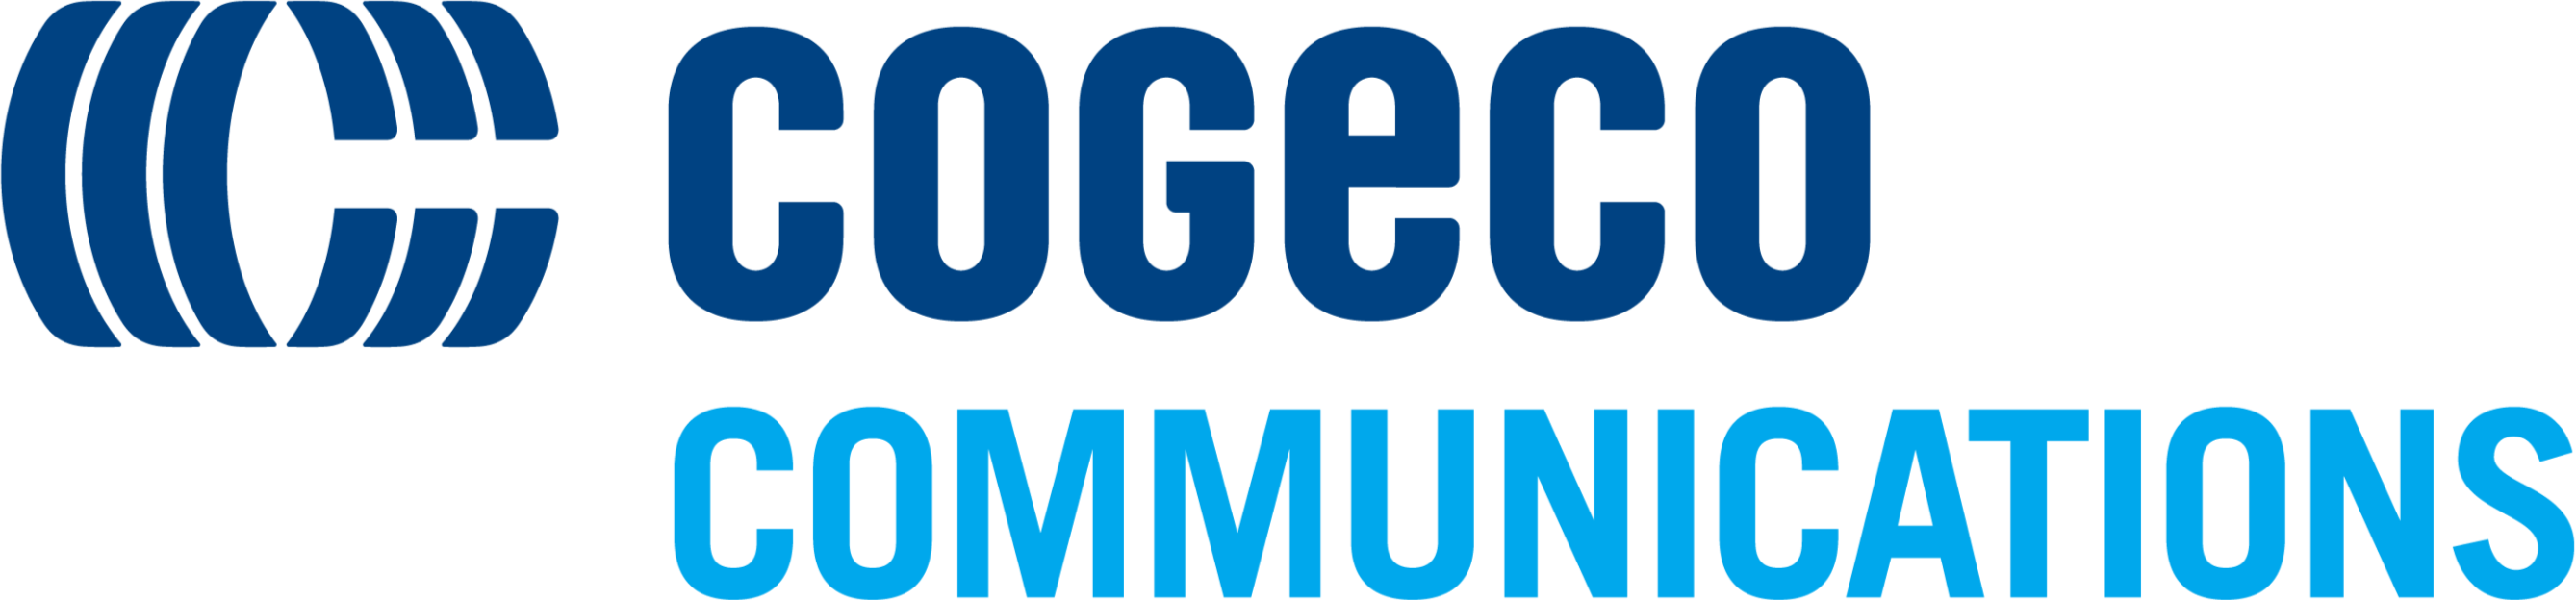 Cogeco_Com_Logo_RGB.png